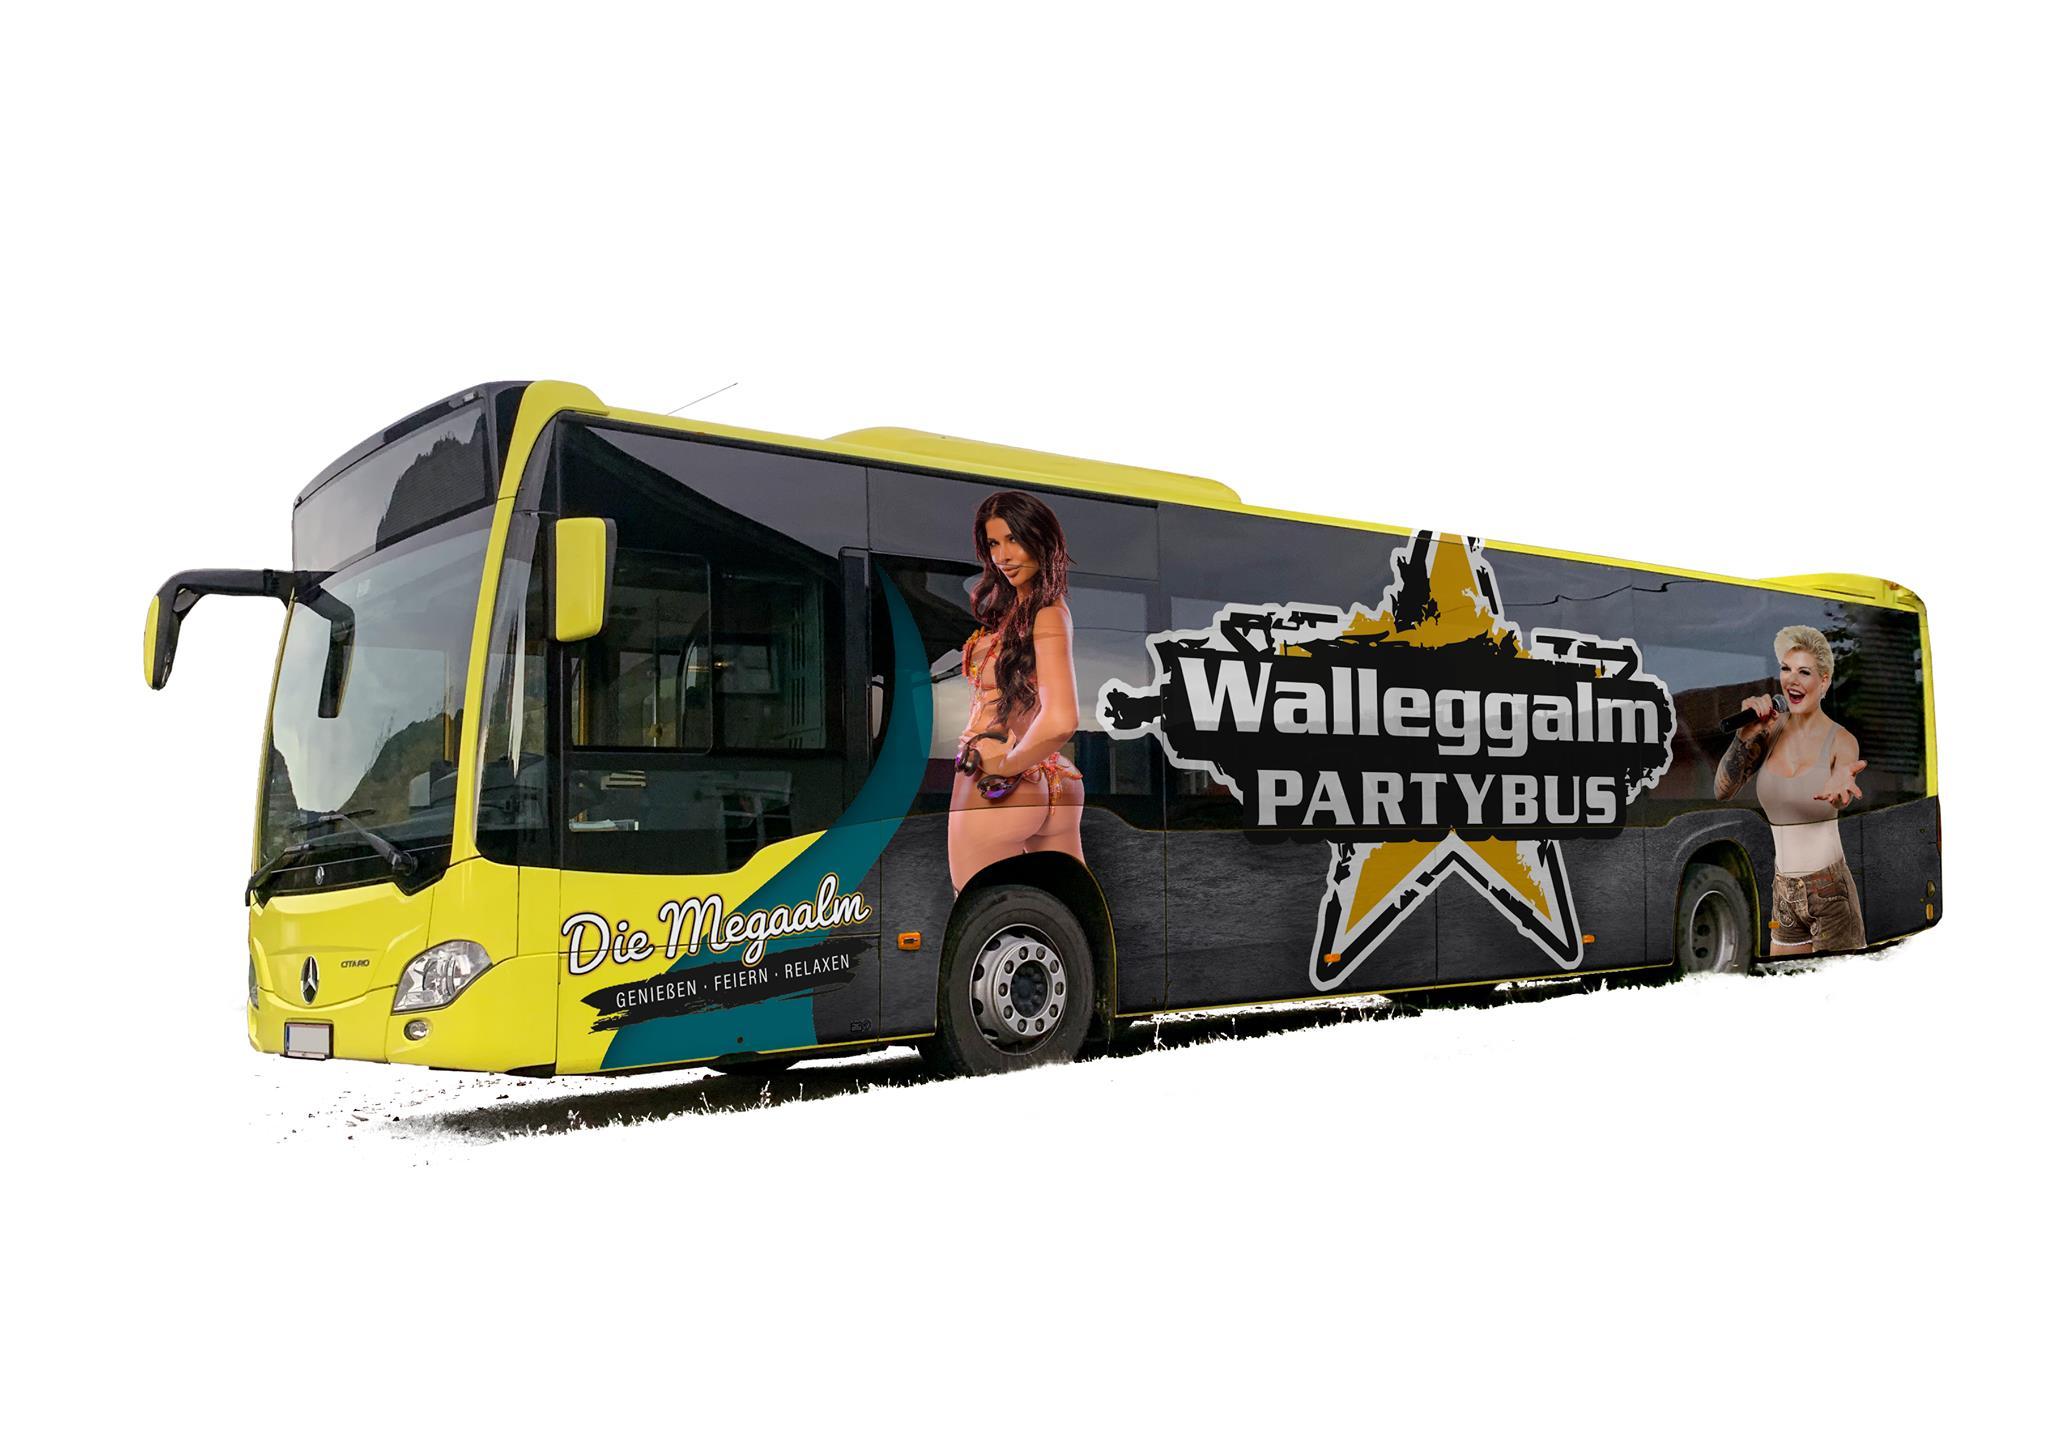 GEZOCHT: buschauffeur voor partybus in Saalbach Hinterglemm